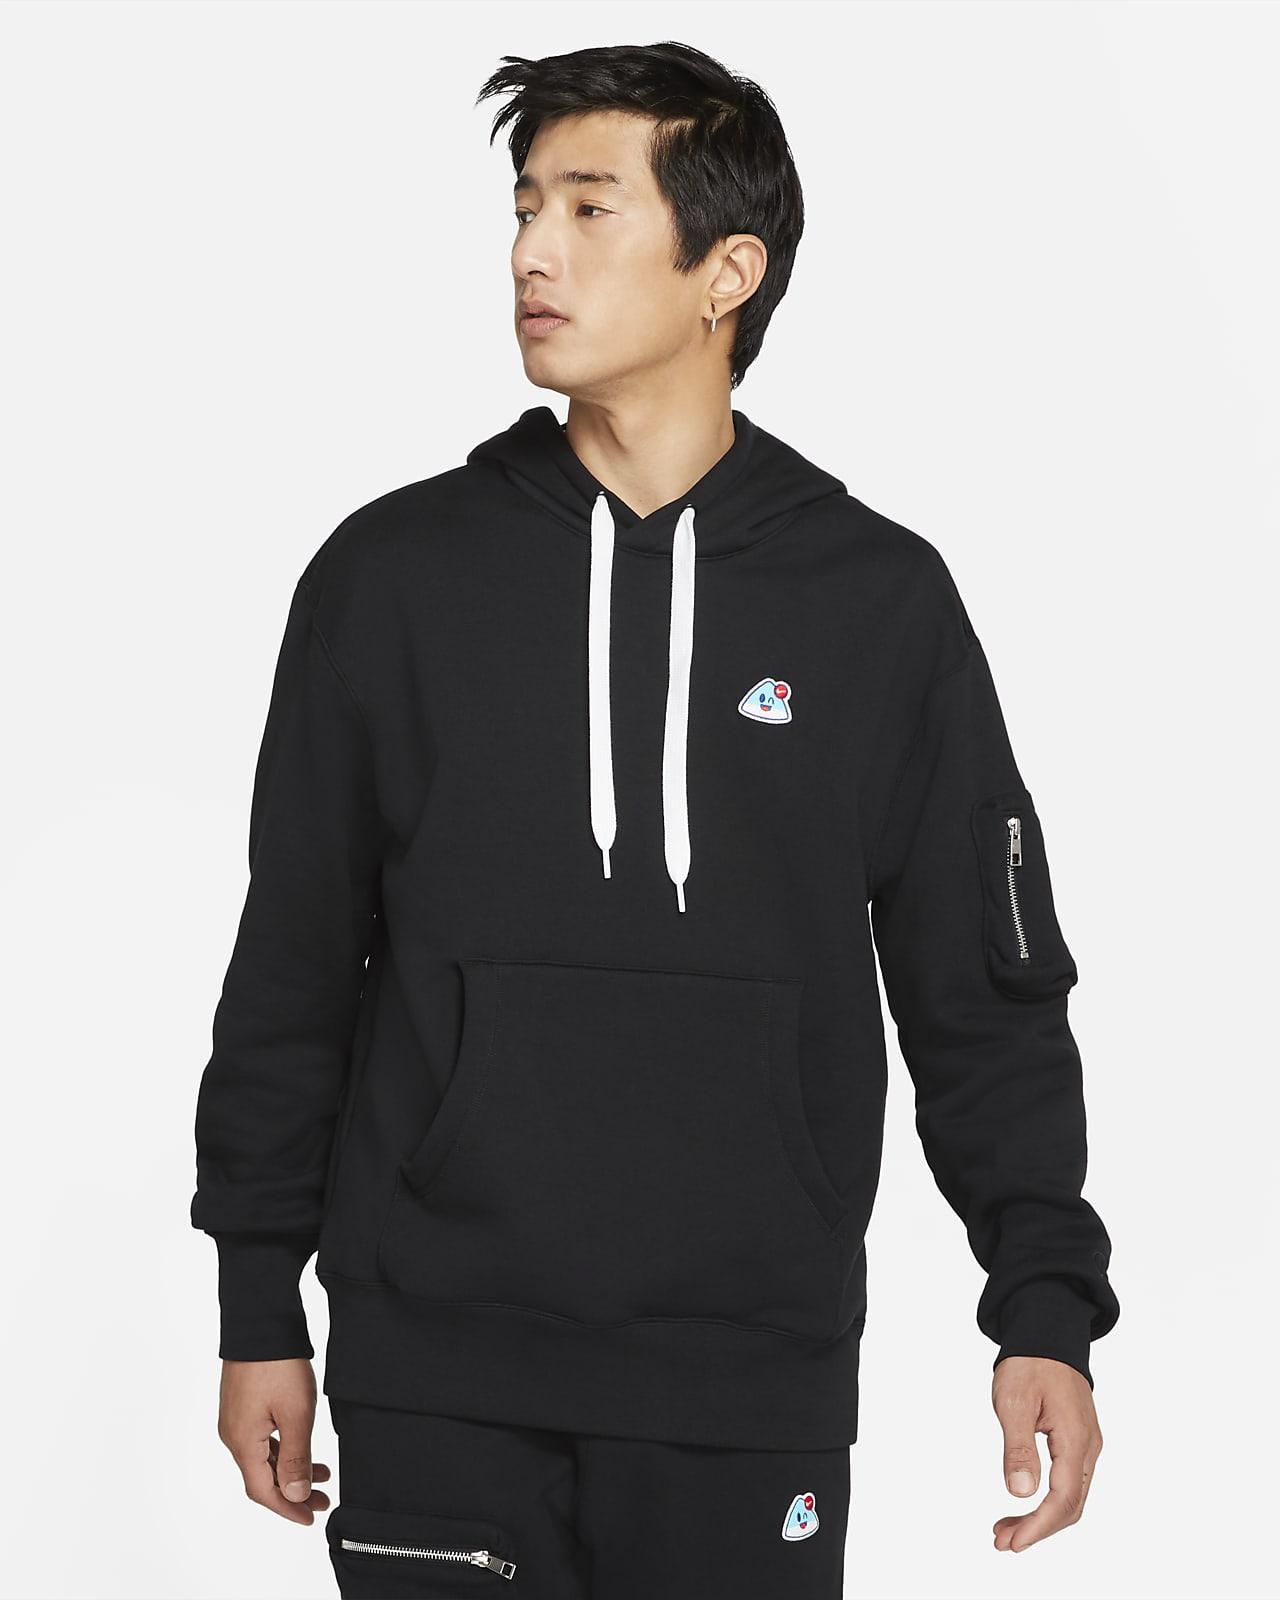 Nike Sportswear 男款法國毛圈布套頭連帽上衣